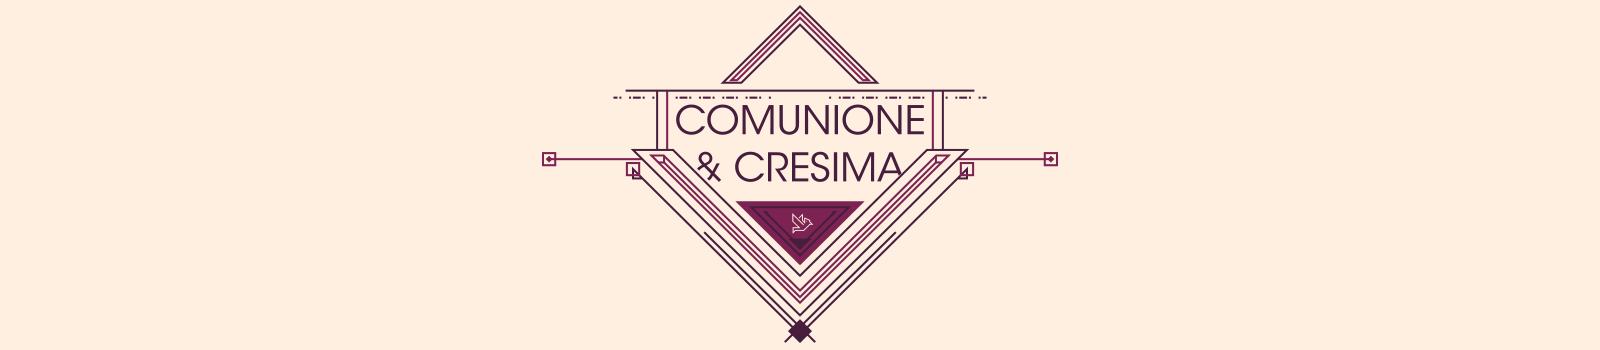 comunione, cresima